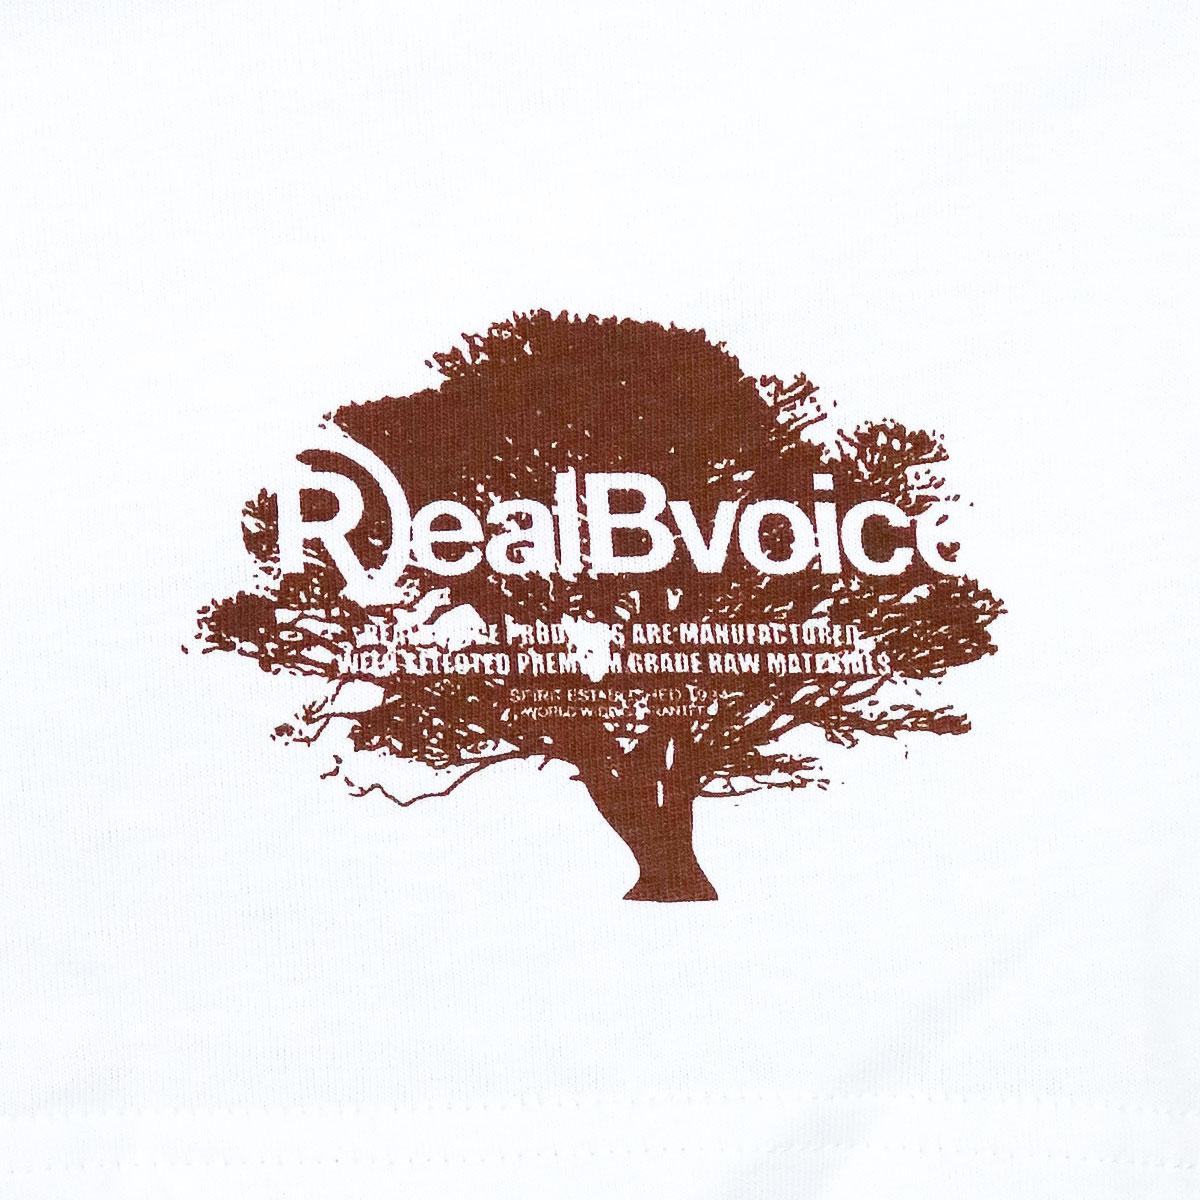 RBV KOA TREE T-SHIRT